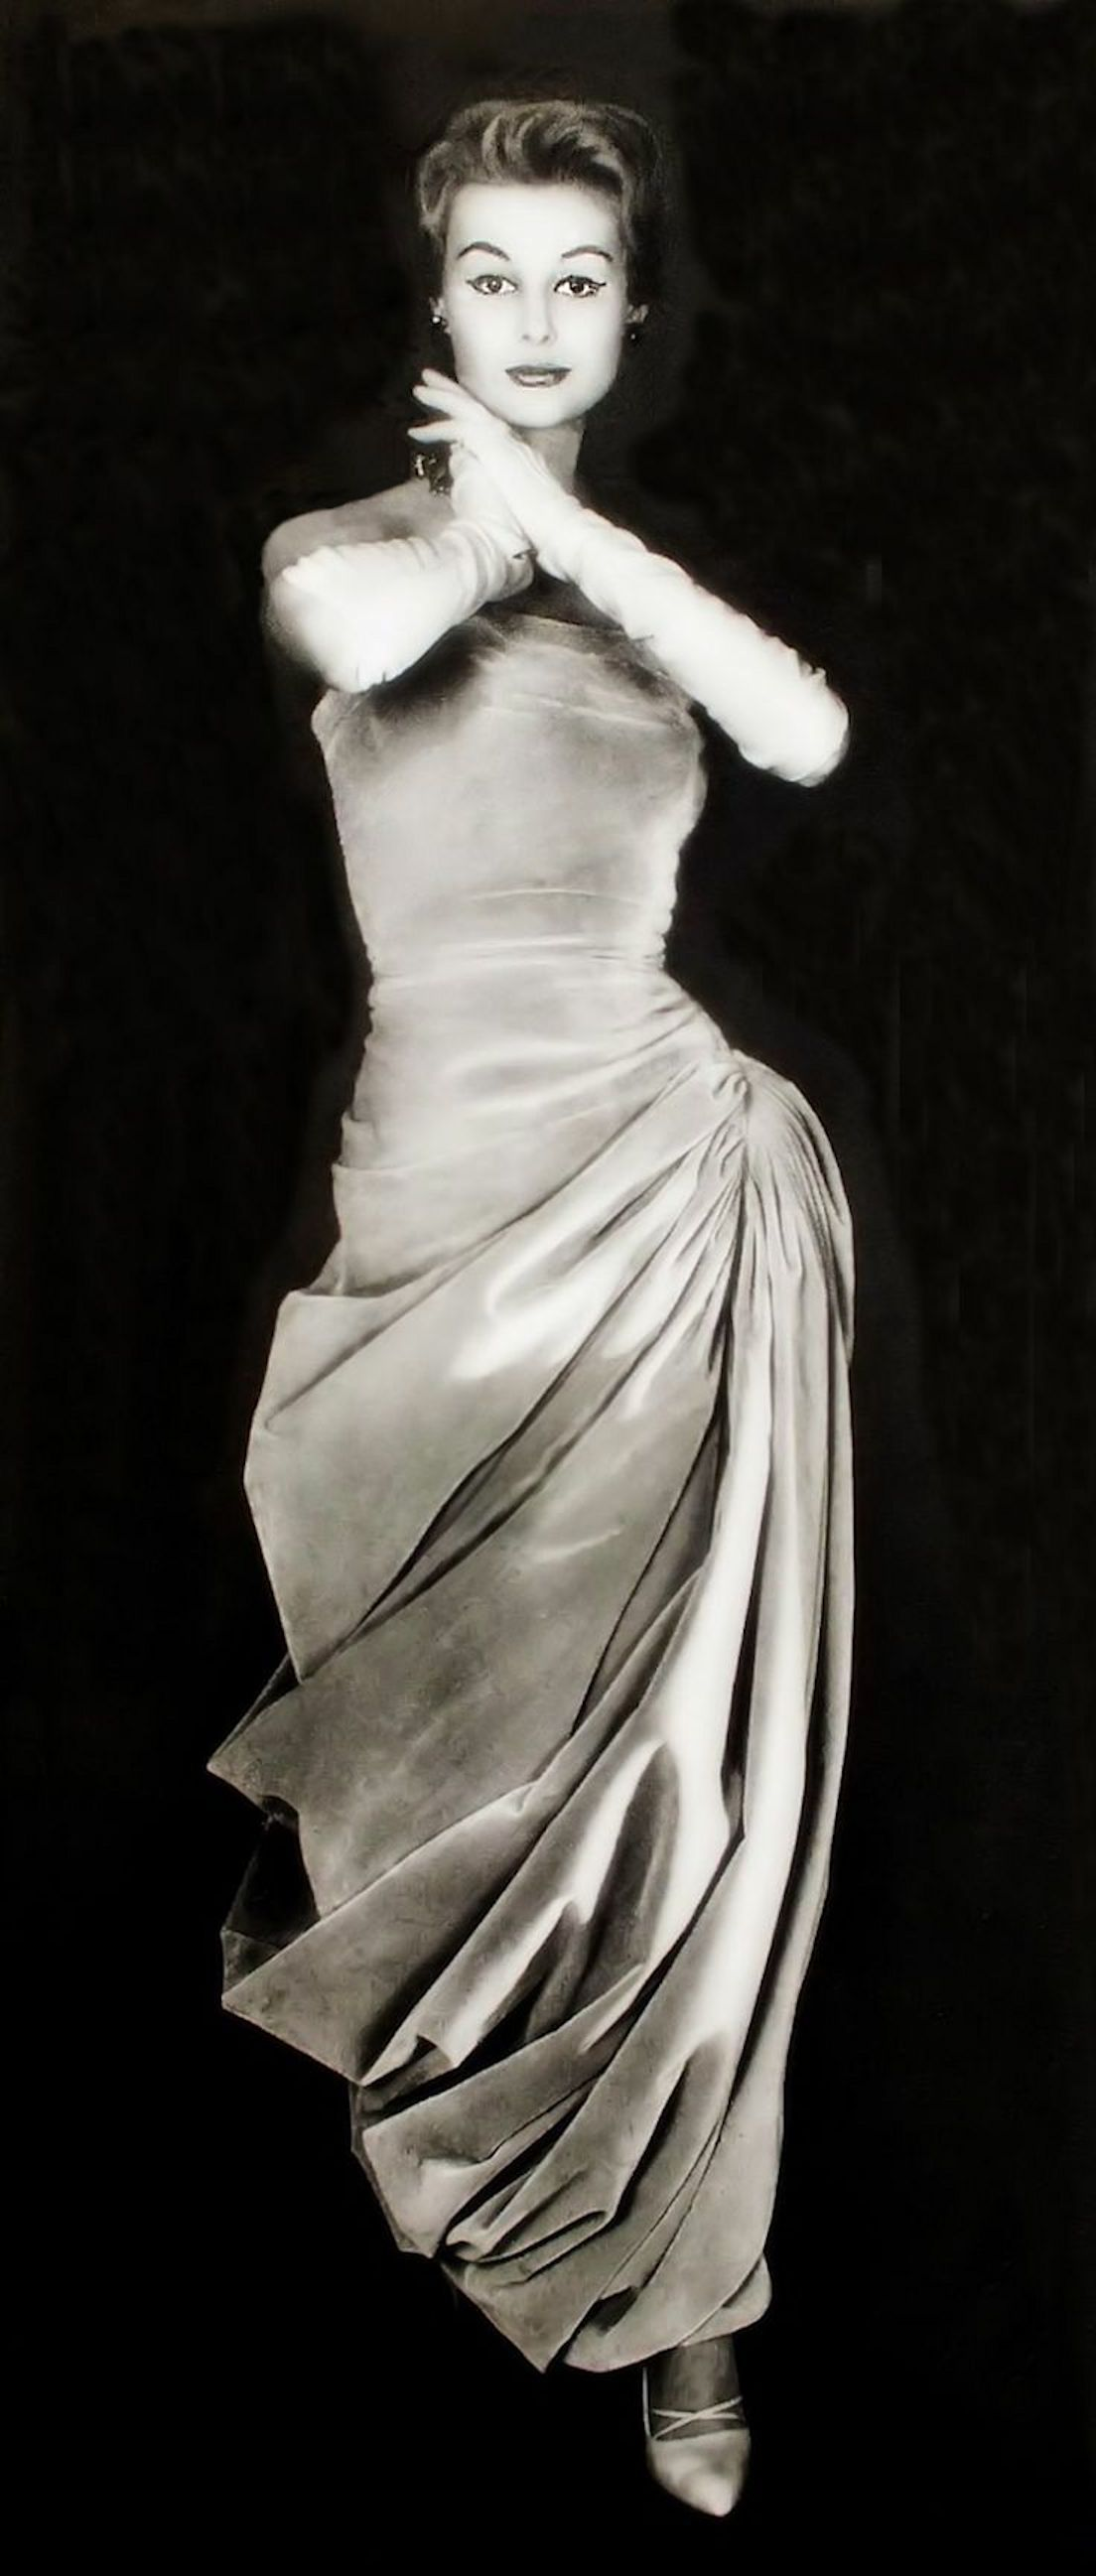 1956 Madame Grès, L'Art et la Mode. Saad (With